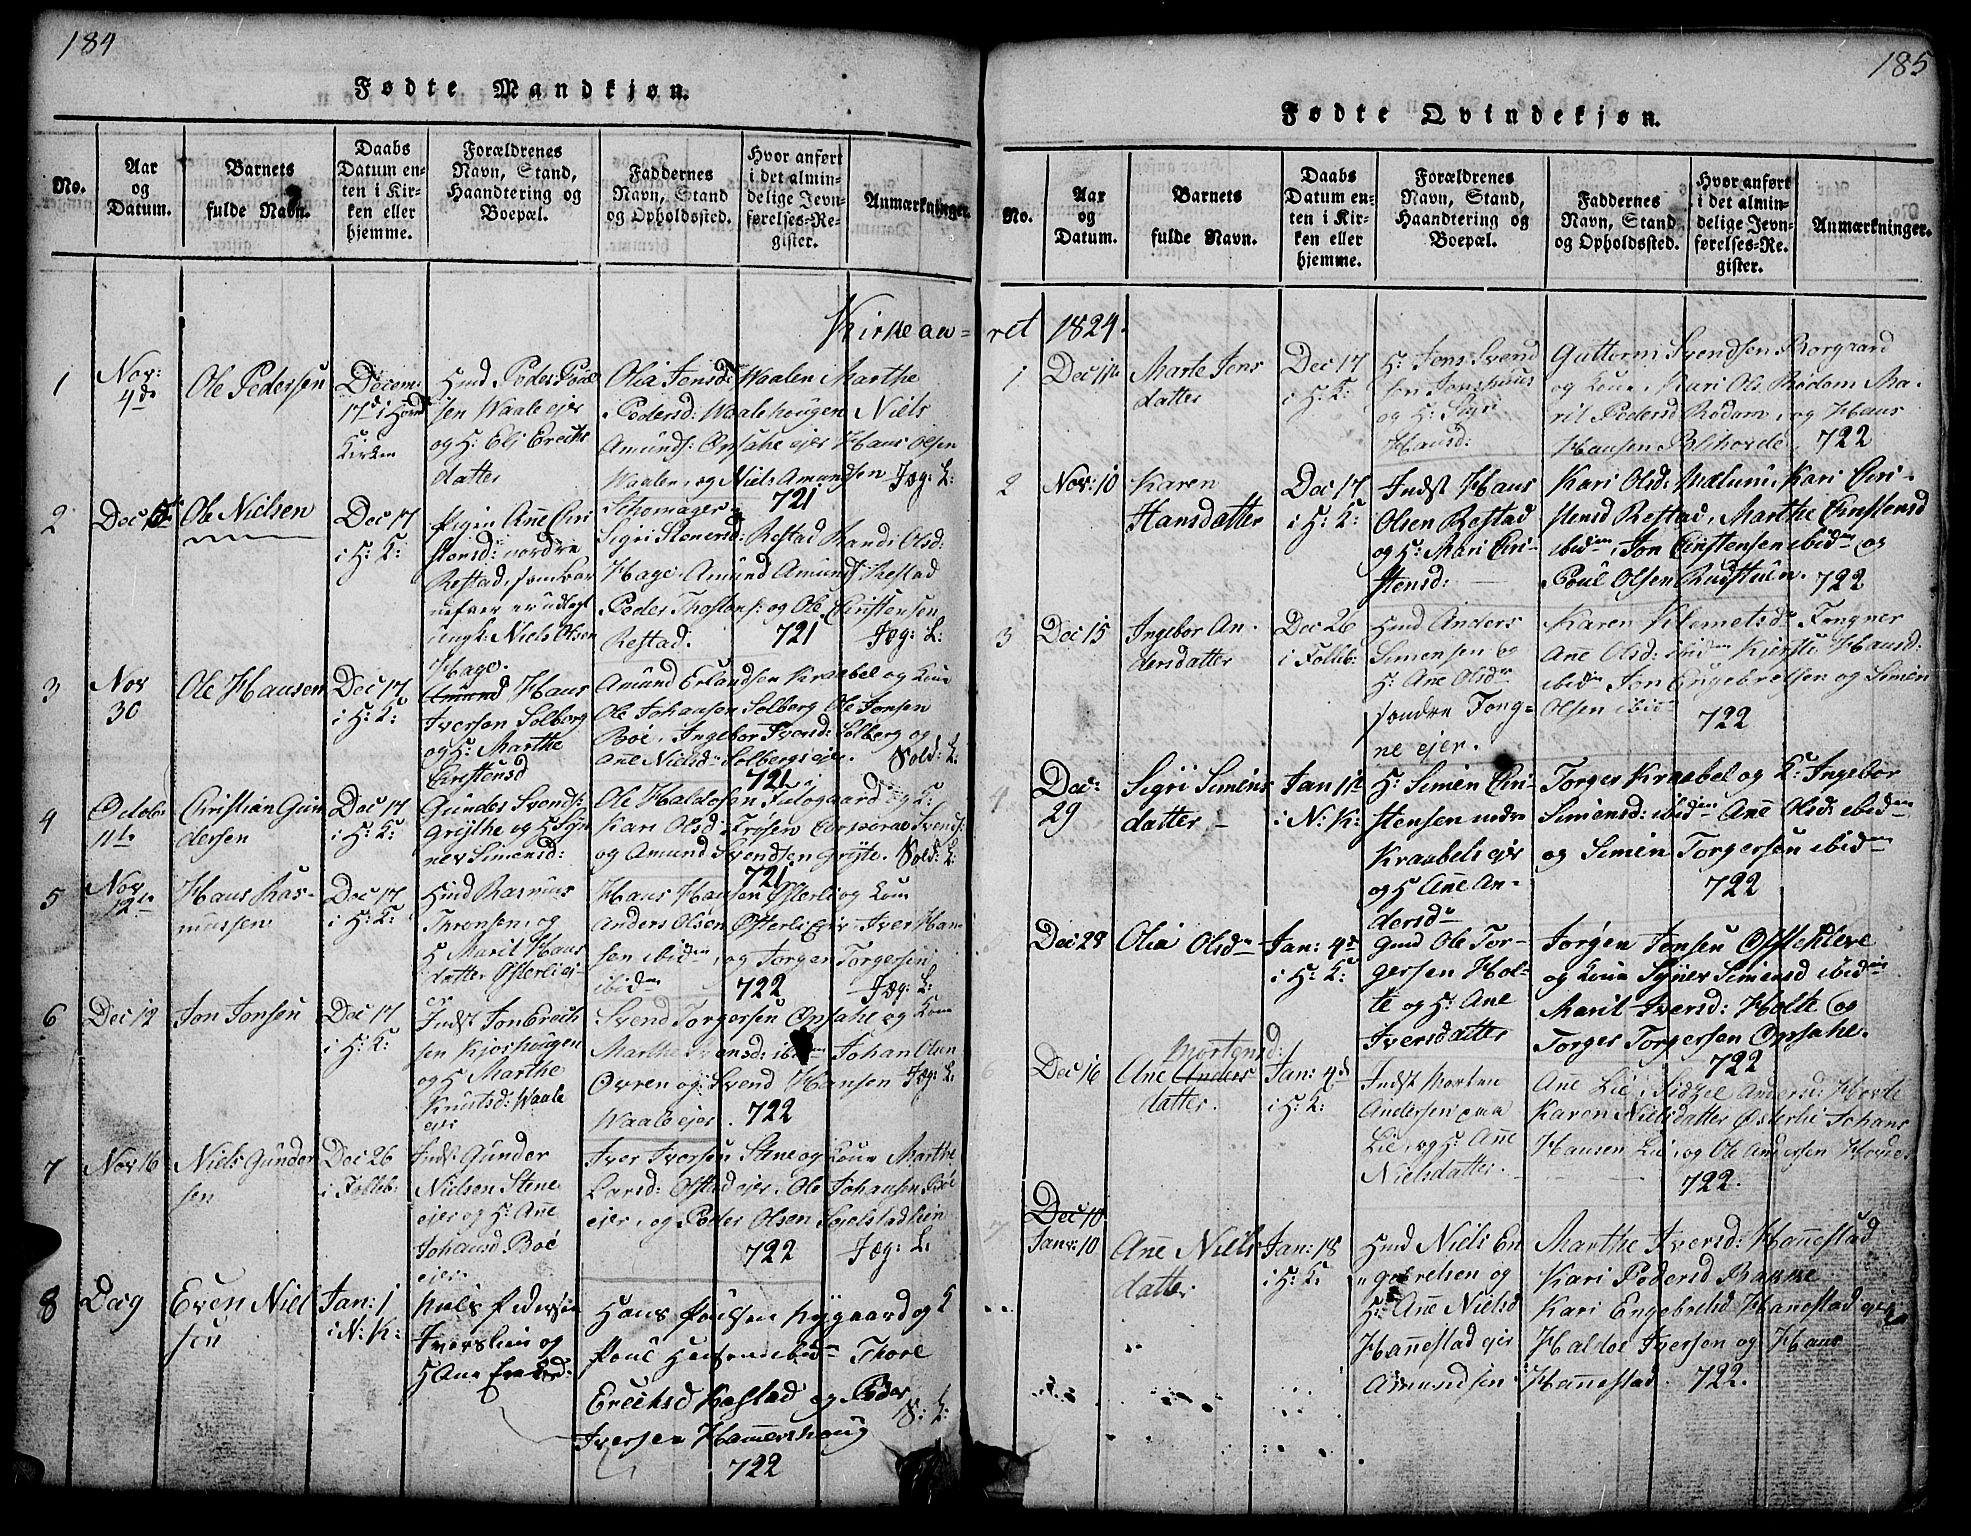 SAH, Gausdal prestekontor, Klokkerbok nr. 1, 1817-1848, s. 184-185